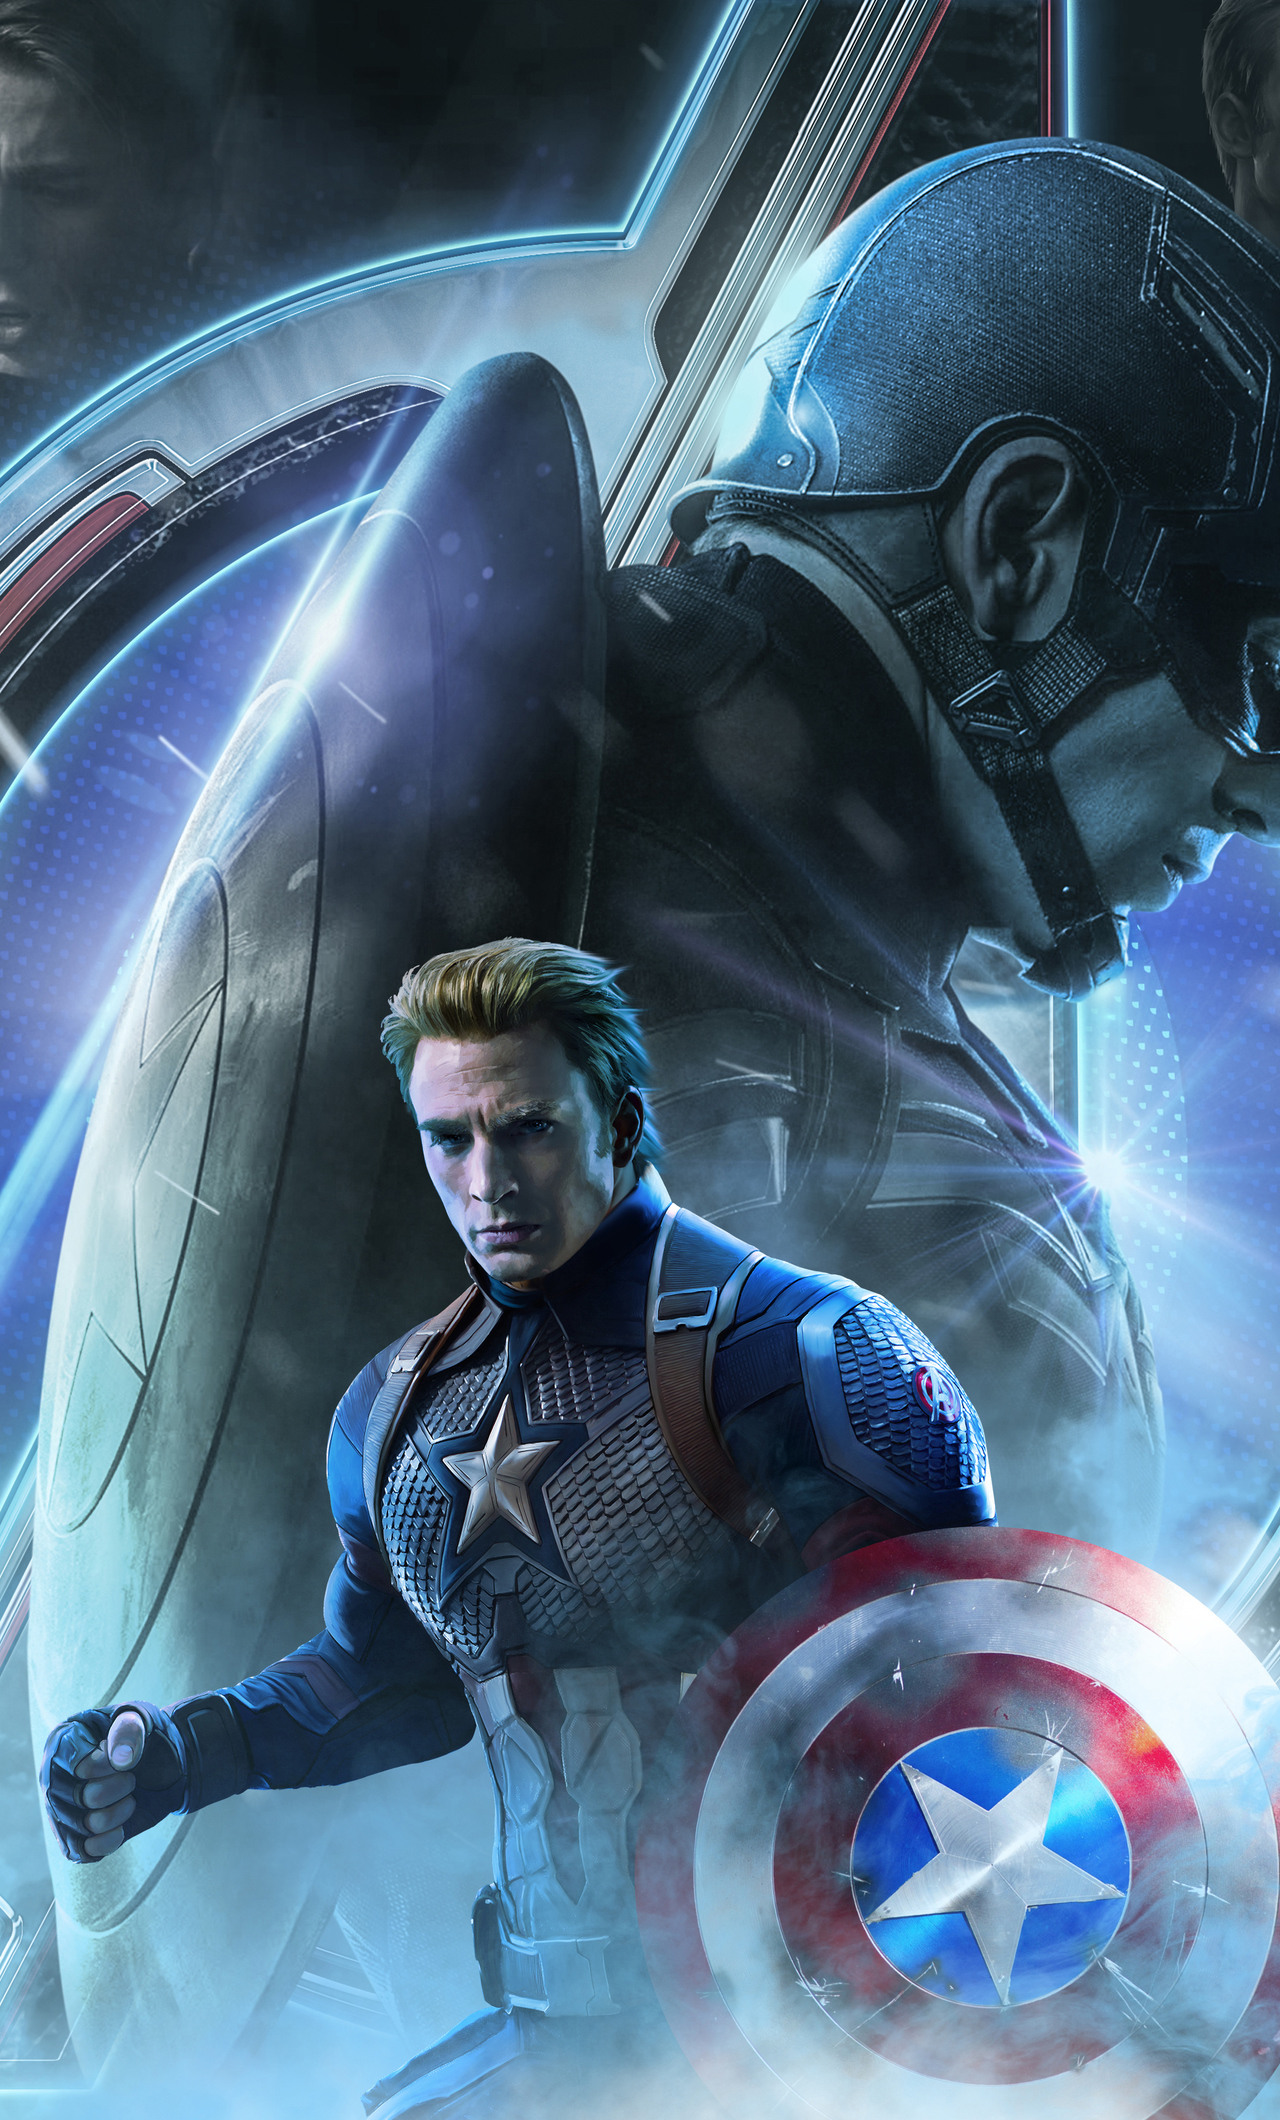 Captain Marvel Endgame 4k Wallpapers 1920x1080 | Gaming ...